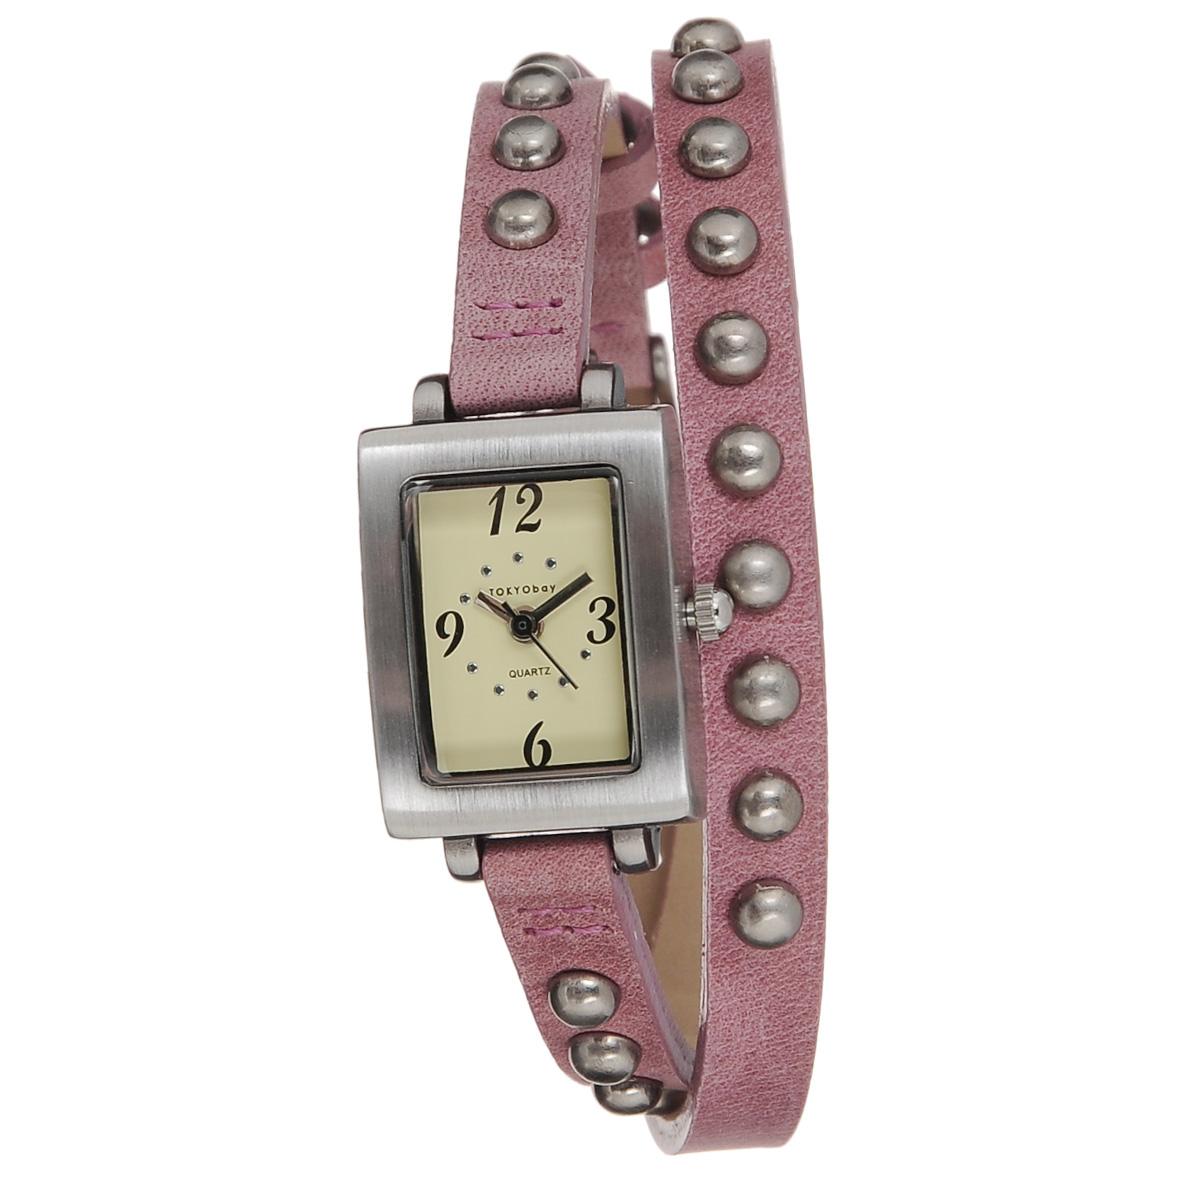 Часы женские наручные Tokyobay Armor Pink, цвет: розовый, стальной. TL753-PKTL753-PKНаручные часы Tokyobay Armor - это стильное дополнение к вашему неповторимому образу. Эти часы созданы для современных девушек, ценящих стиль, качество и практичность. Часы оснащены японским кварцевым механизмом Miyota. Корпус выполнен из сплава металлов с сатиновой полировкой, не содержащего никель. Задняя крышка изготовлена из нержавеющей стали. Циферблат оформлен арабскими цифрами и отметками, имеет три стрелки - часовую, минутную и секундную. Циферблат защищен минеральным стеклом. Ремешок, выполненный из натуральной кожи, обхватывает запястье в два оборота, украшен металлическими заклепками. Застегивается на классическую застежку. Часы Tokyobay - это практичный и модный аксессуар, который подчеркнет ваш безупречный вкус.